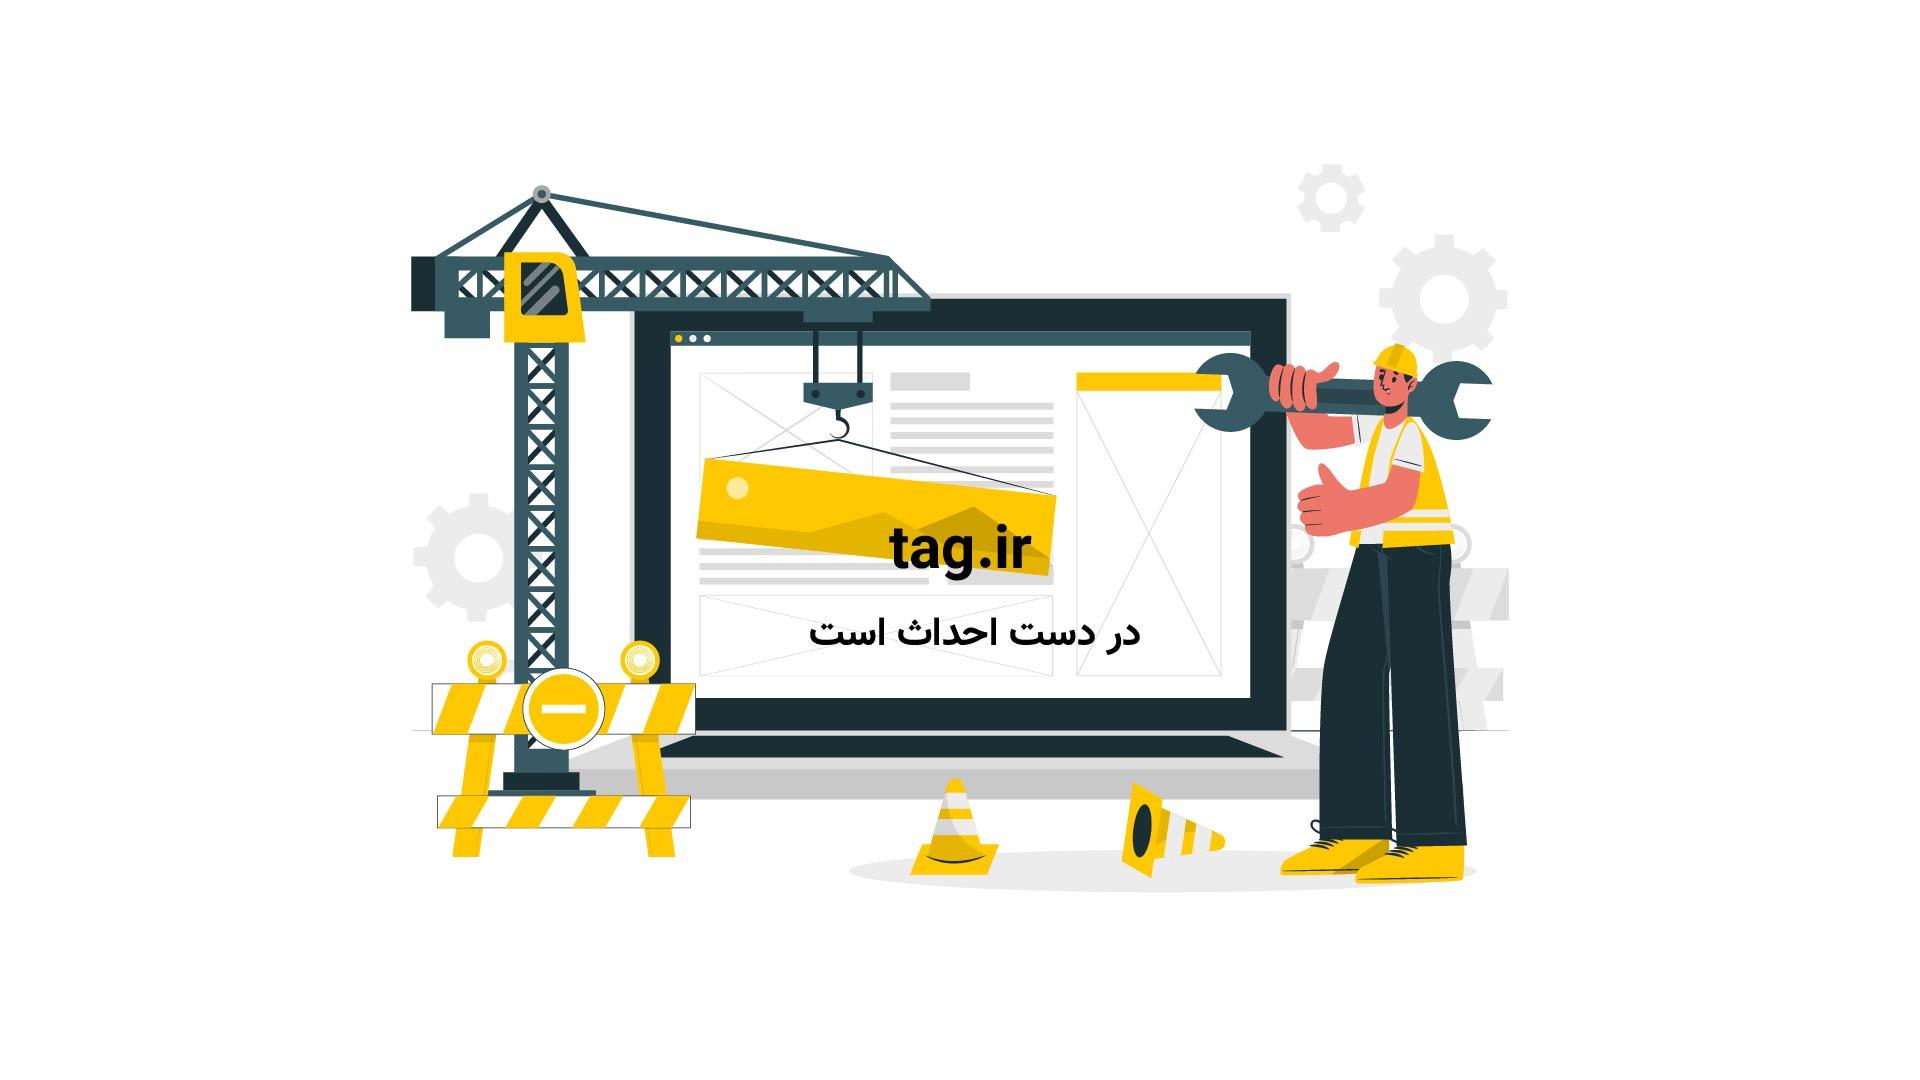 ده صحنه برتر شکار در حیات وحش|تگ